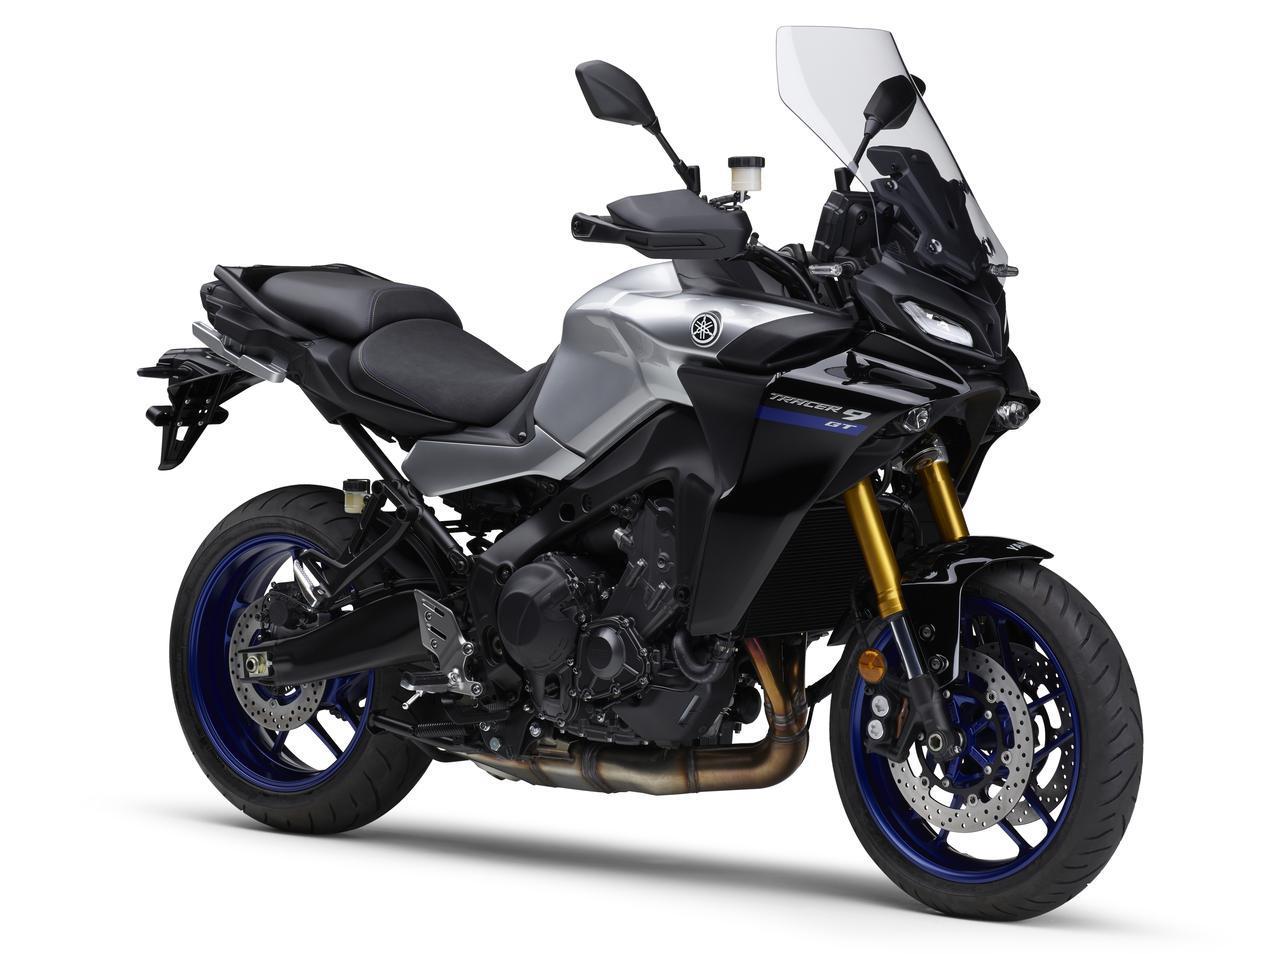 画像: YAMAHA TRACER9 GT ABS 2021年モデル 総排気量:888cc エンジン形式:水冷4ストDOHC4バルブ並列3気筒 シート高:810/825mm 車両重量:220kg